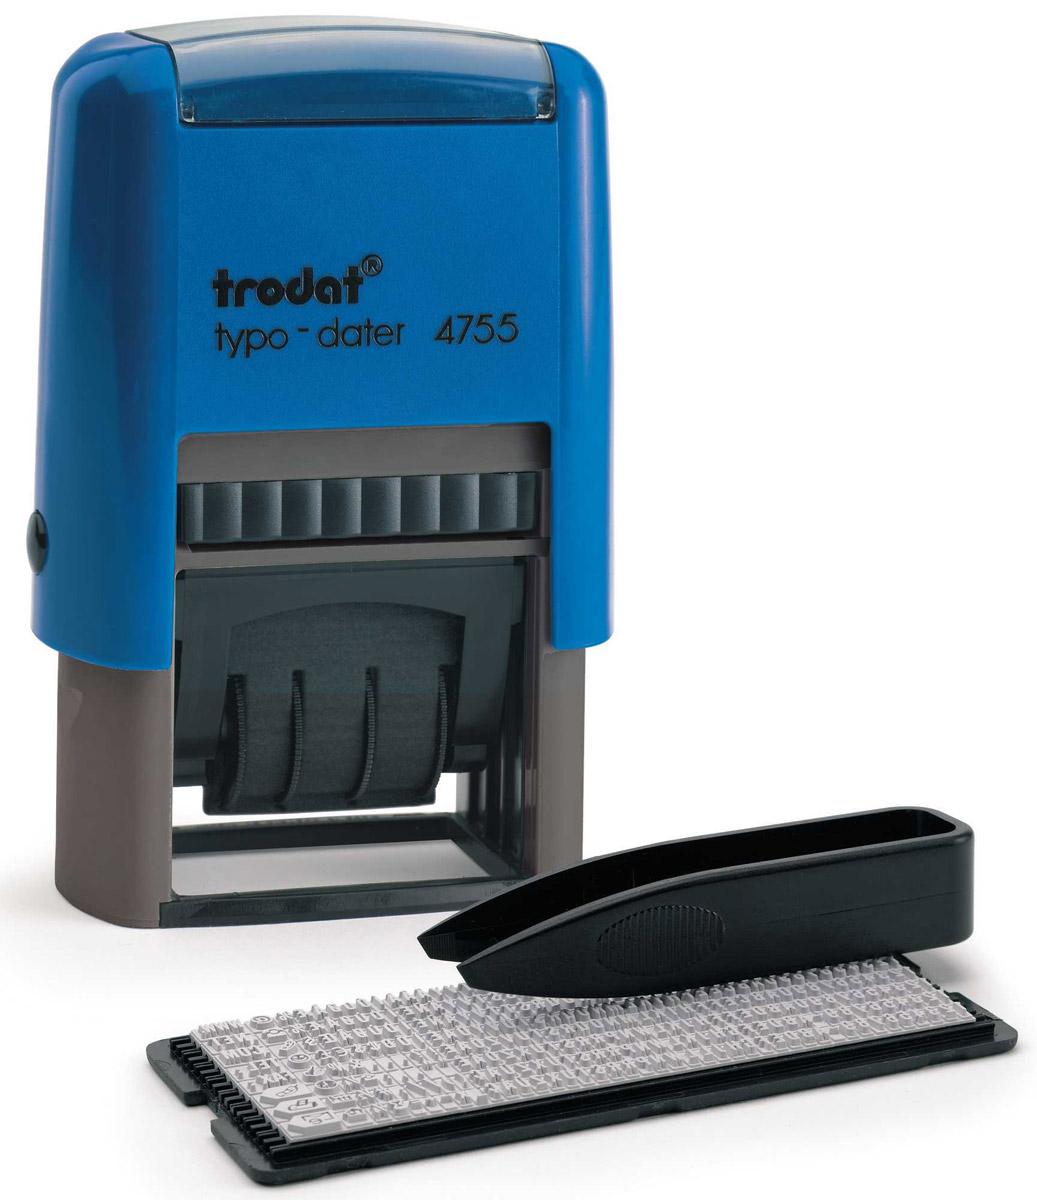 Trodat Датер самонаборный двухстрочный Typo4755Датер самонаборный двухстрочный Trodat Typo с буквенным отображением месяца будет незаменим в отделе кадров или в бухгалтерии любой компании. Прочный корпус гарантирует долговечное бесперебойное использование. Модель отличается высочайшим удобством в использовании и оптимально ложится в руку благодаря эргономичной ручке. Оттиск проставляется практически бесшумно, легким нажатием руки. Улучшенная конструкция, защитное покрытие лент и видимая площадь печати гарантируют качество и точность оттиска. Автоматическое окрашивание. Дата проставляется в центре, сверху и снизу строки для набора текста без рамки. В комплект также входят сменная двухцветная подушка, пинцет, касса символов.